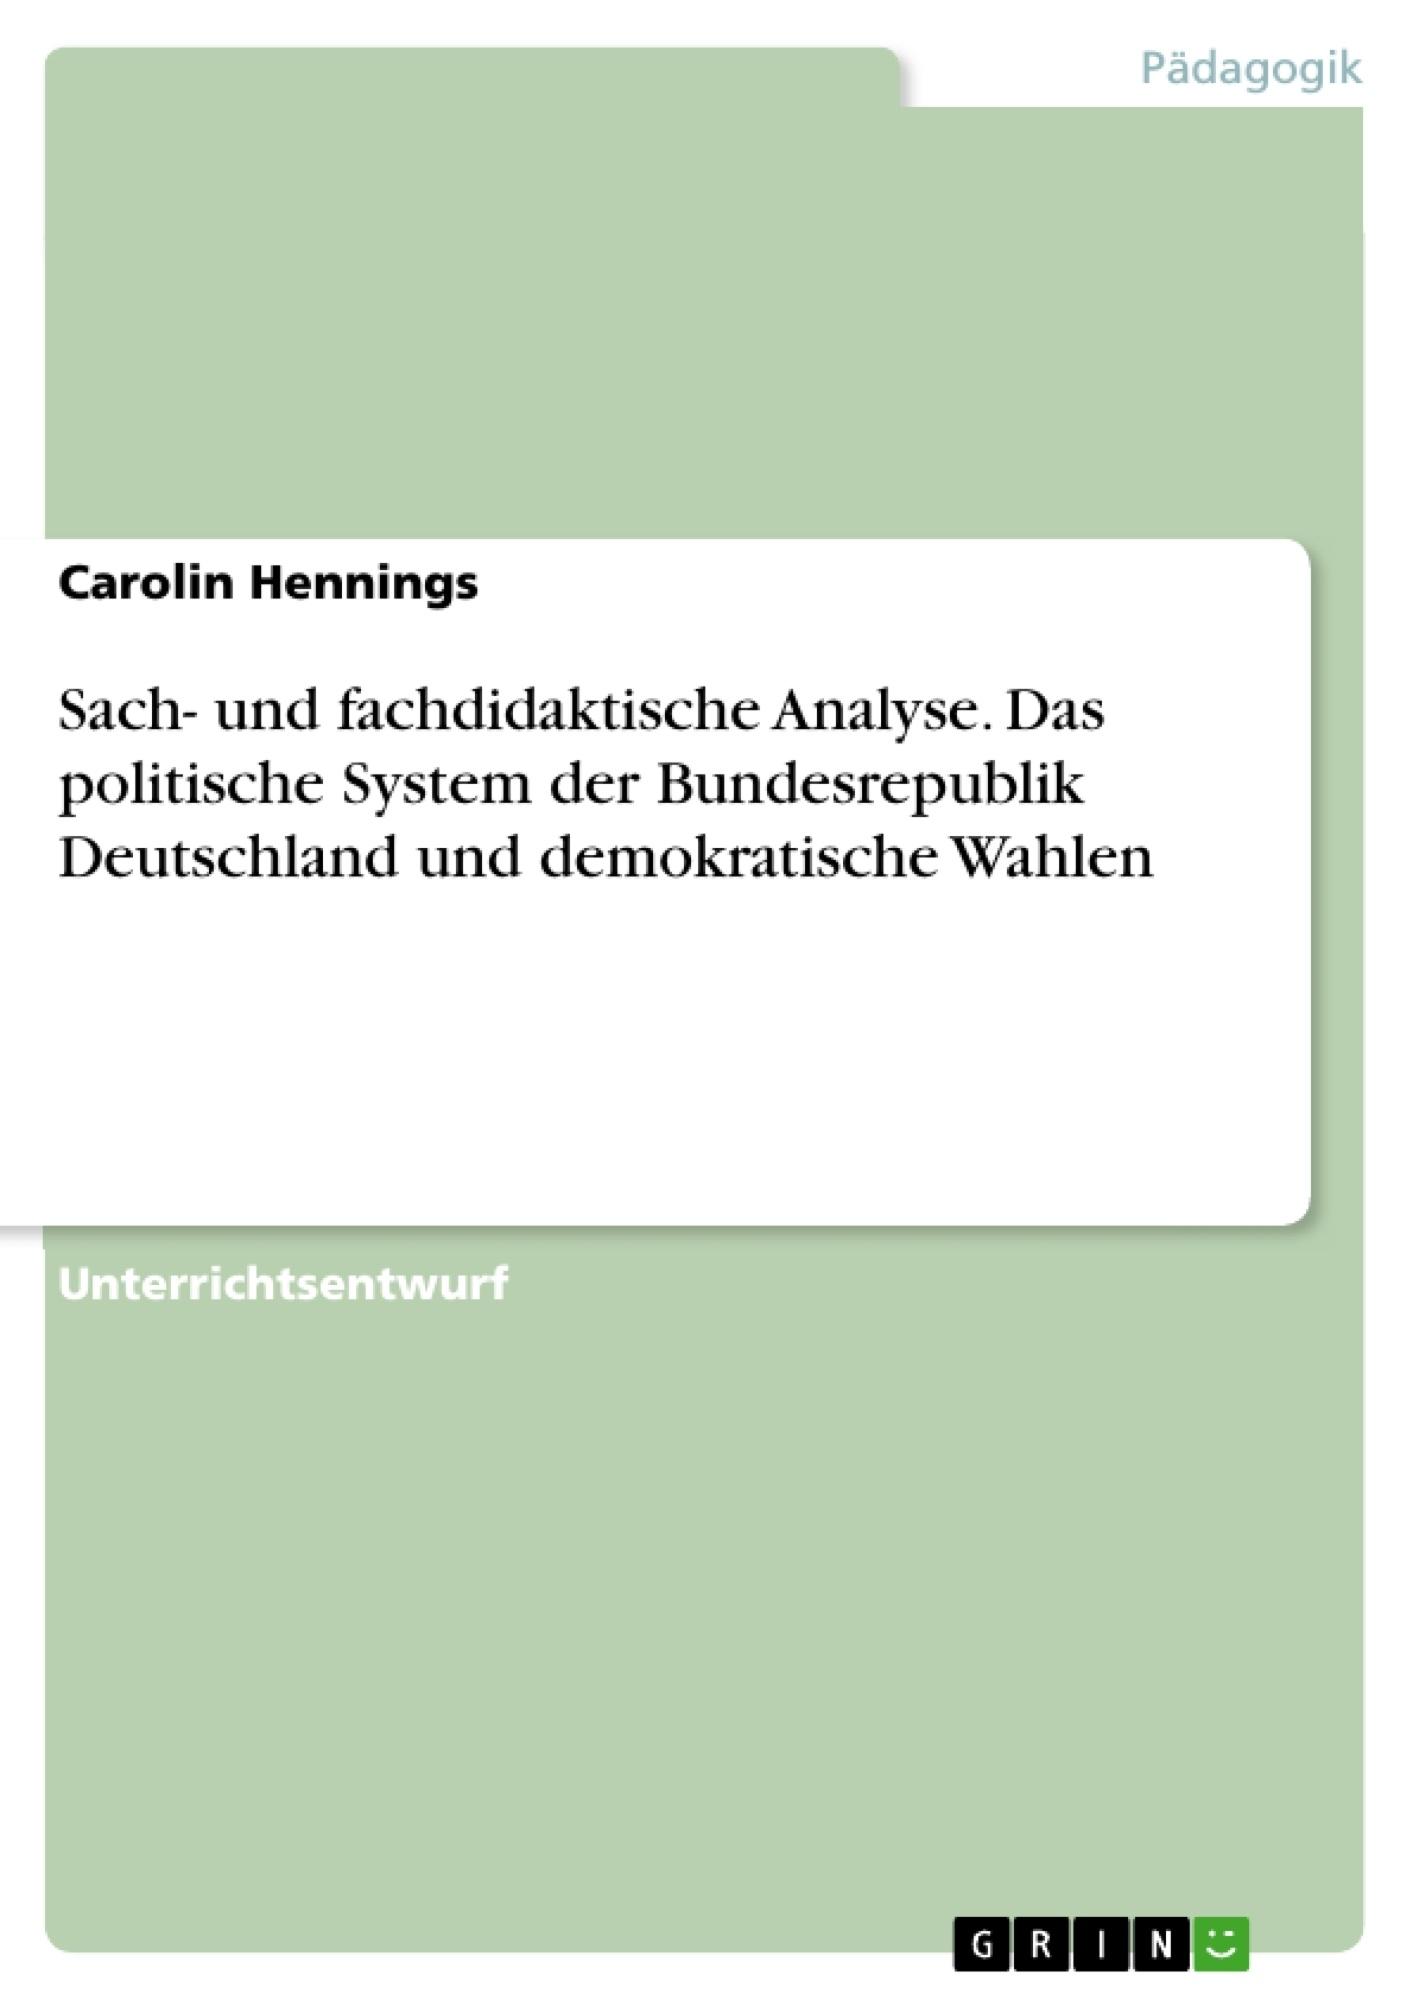 Titel: Sach- und fachdidaktische Analyse. Das politische System der Bundesrepublik Deutschland und demokratische Wahlen